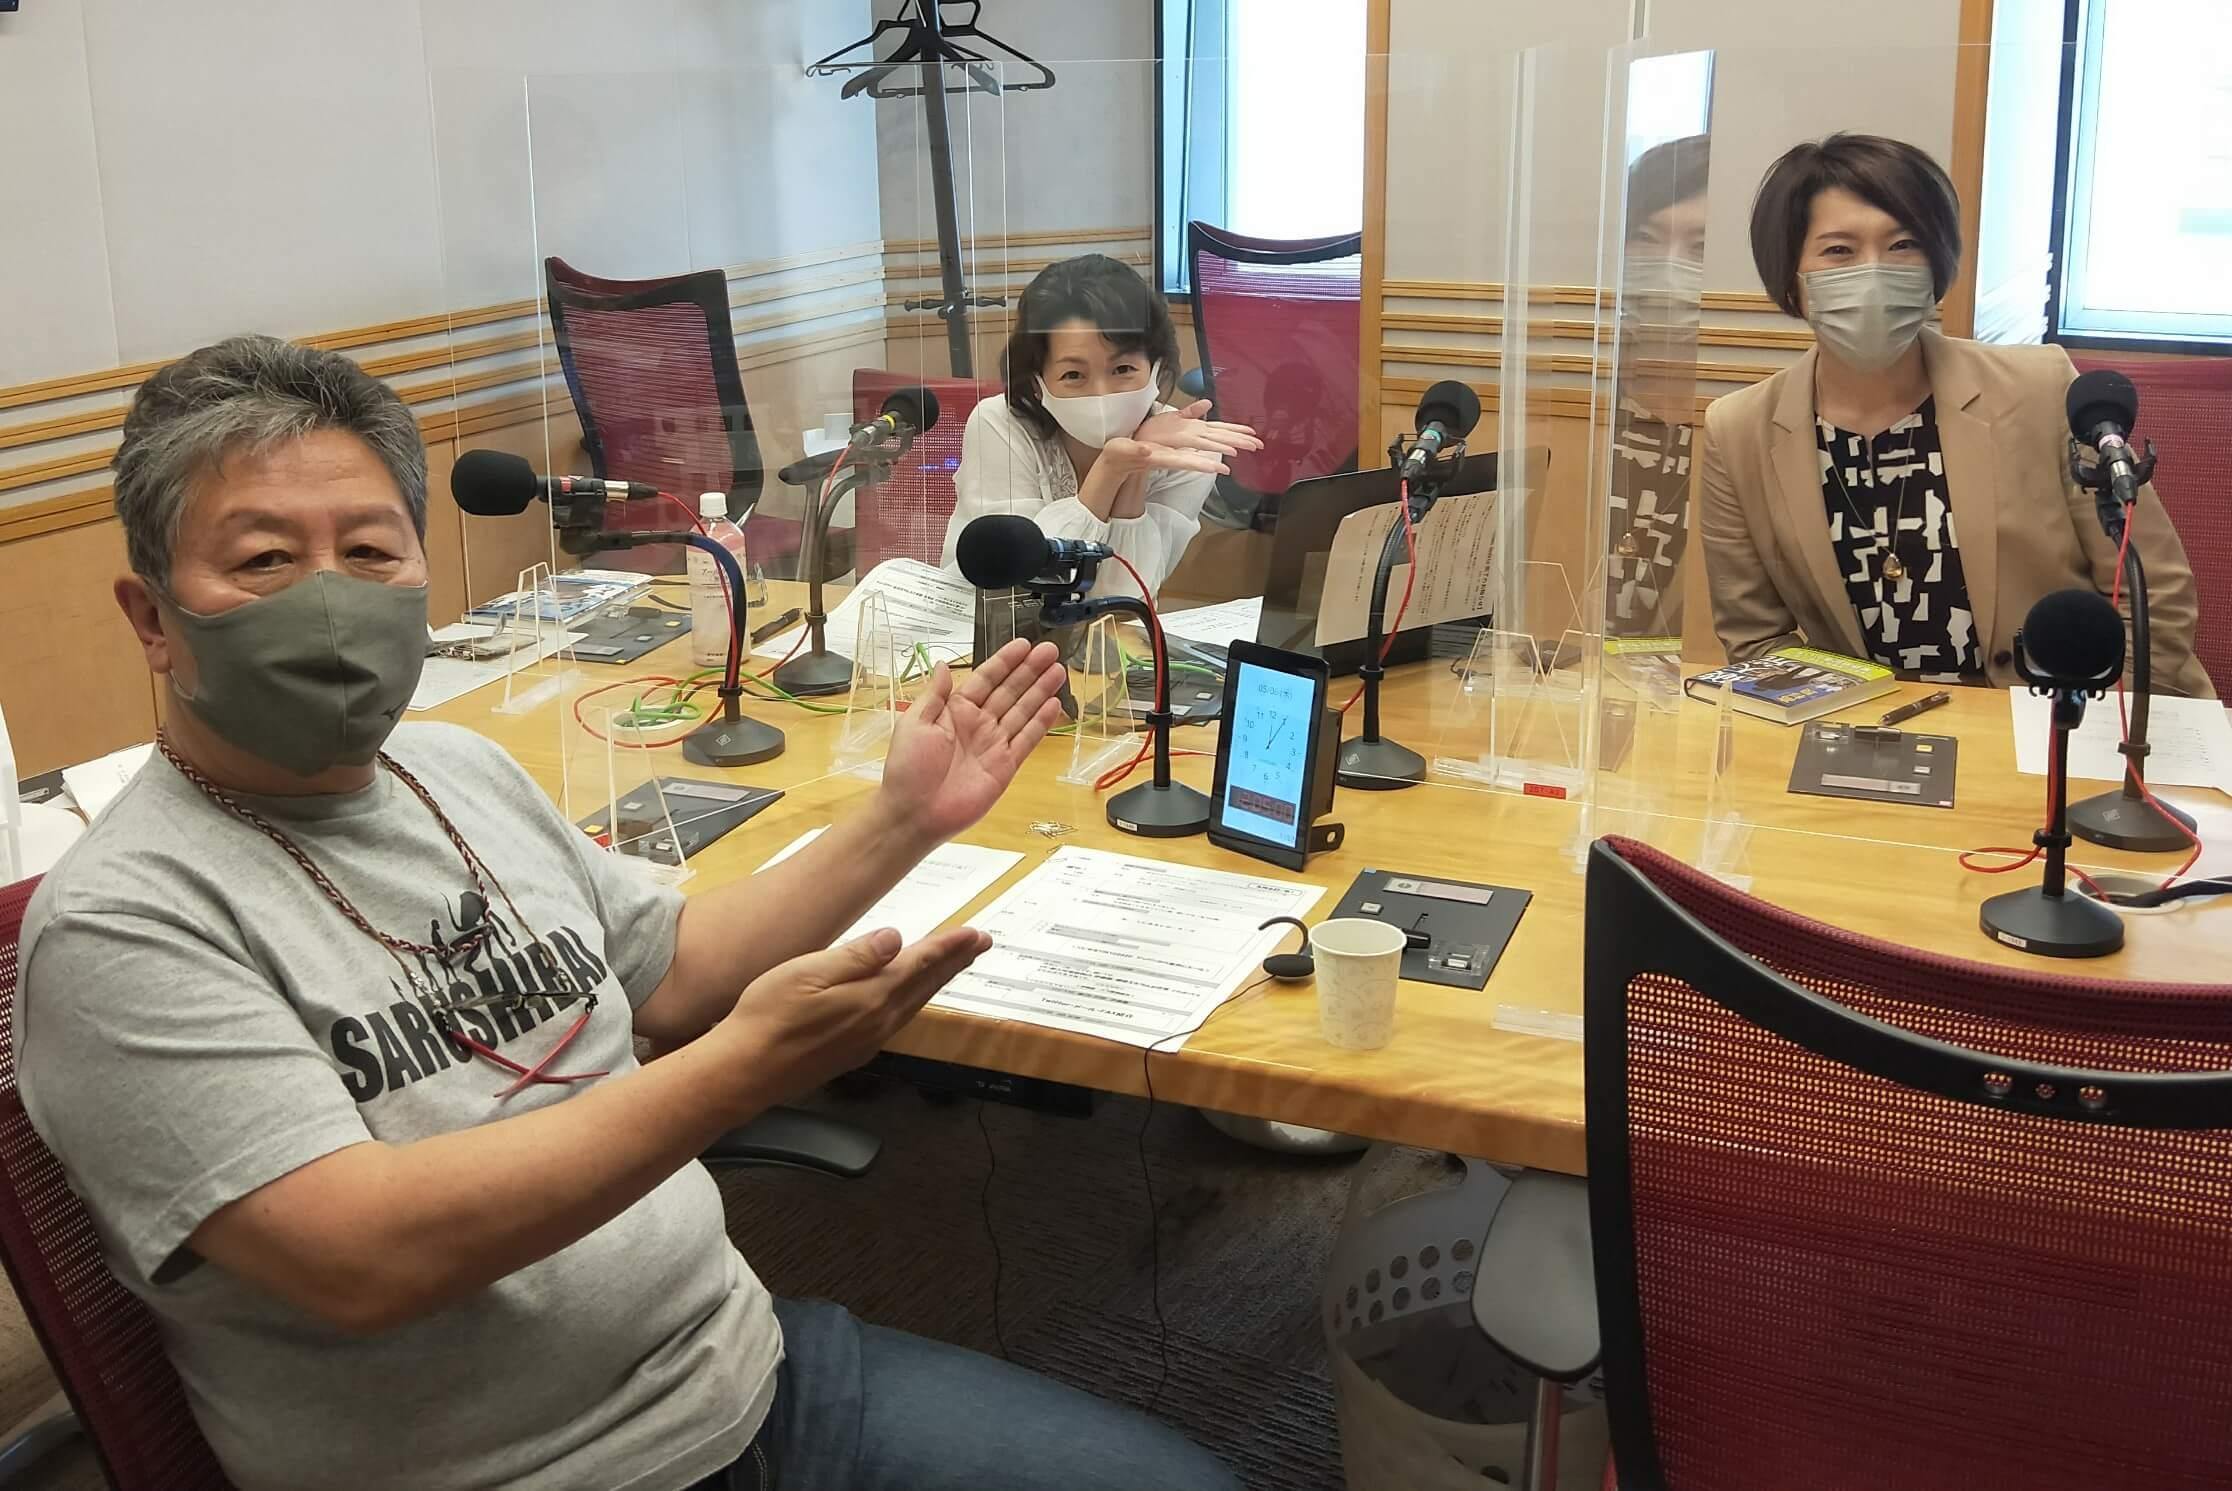 『くにまるジャパン極・くにまるレポーターズ』5月6日(木)のお客様:河崎環さん